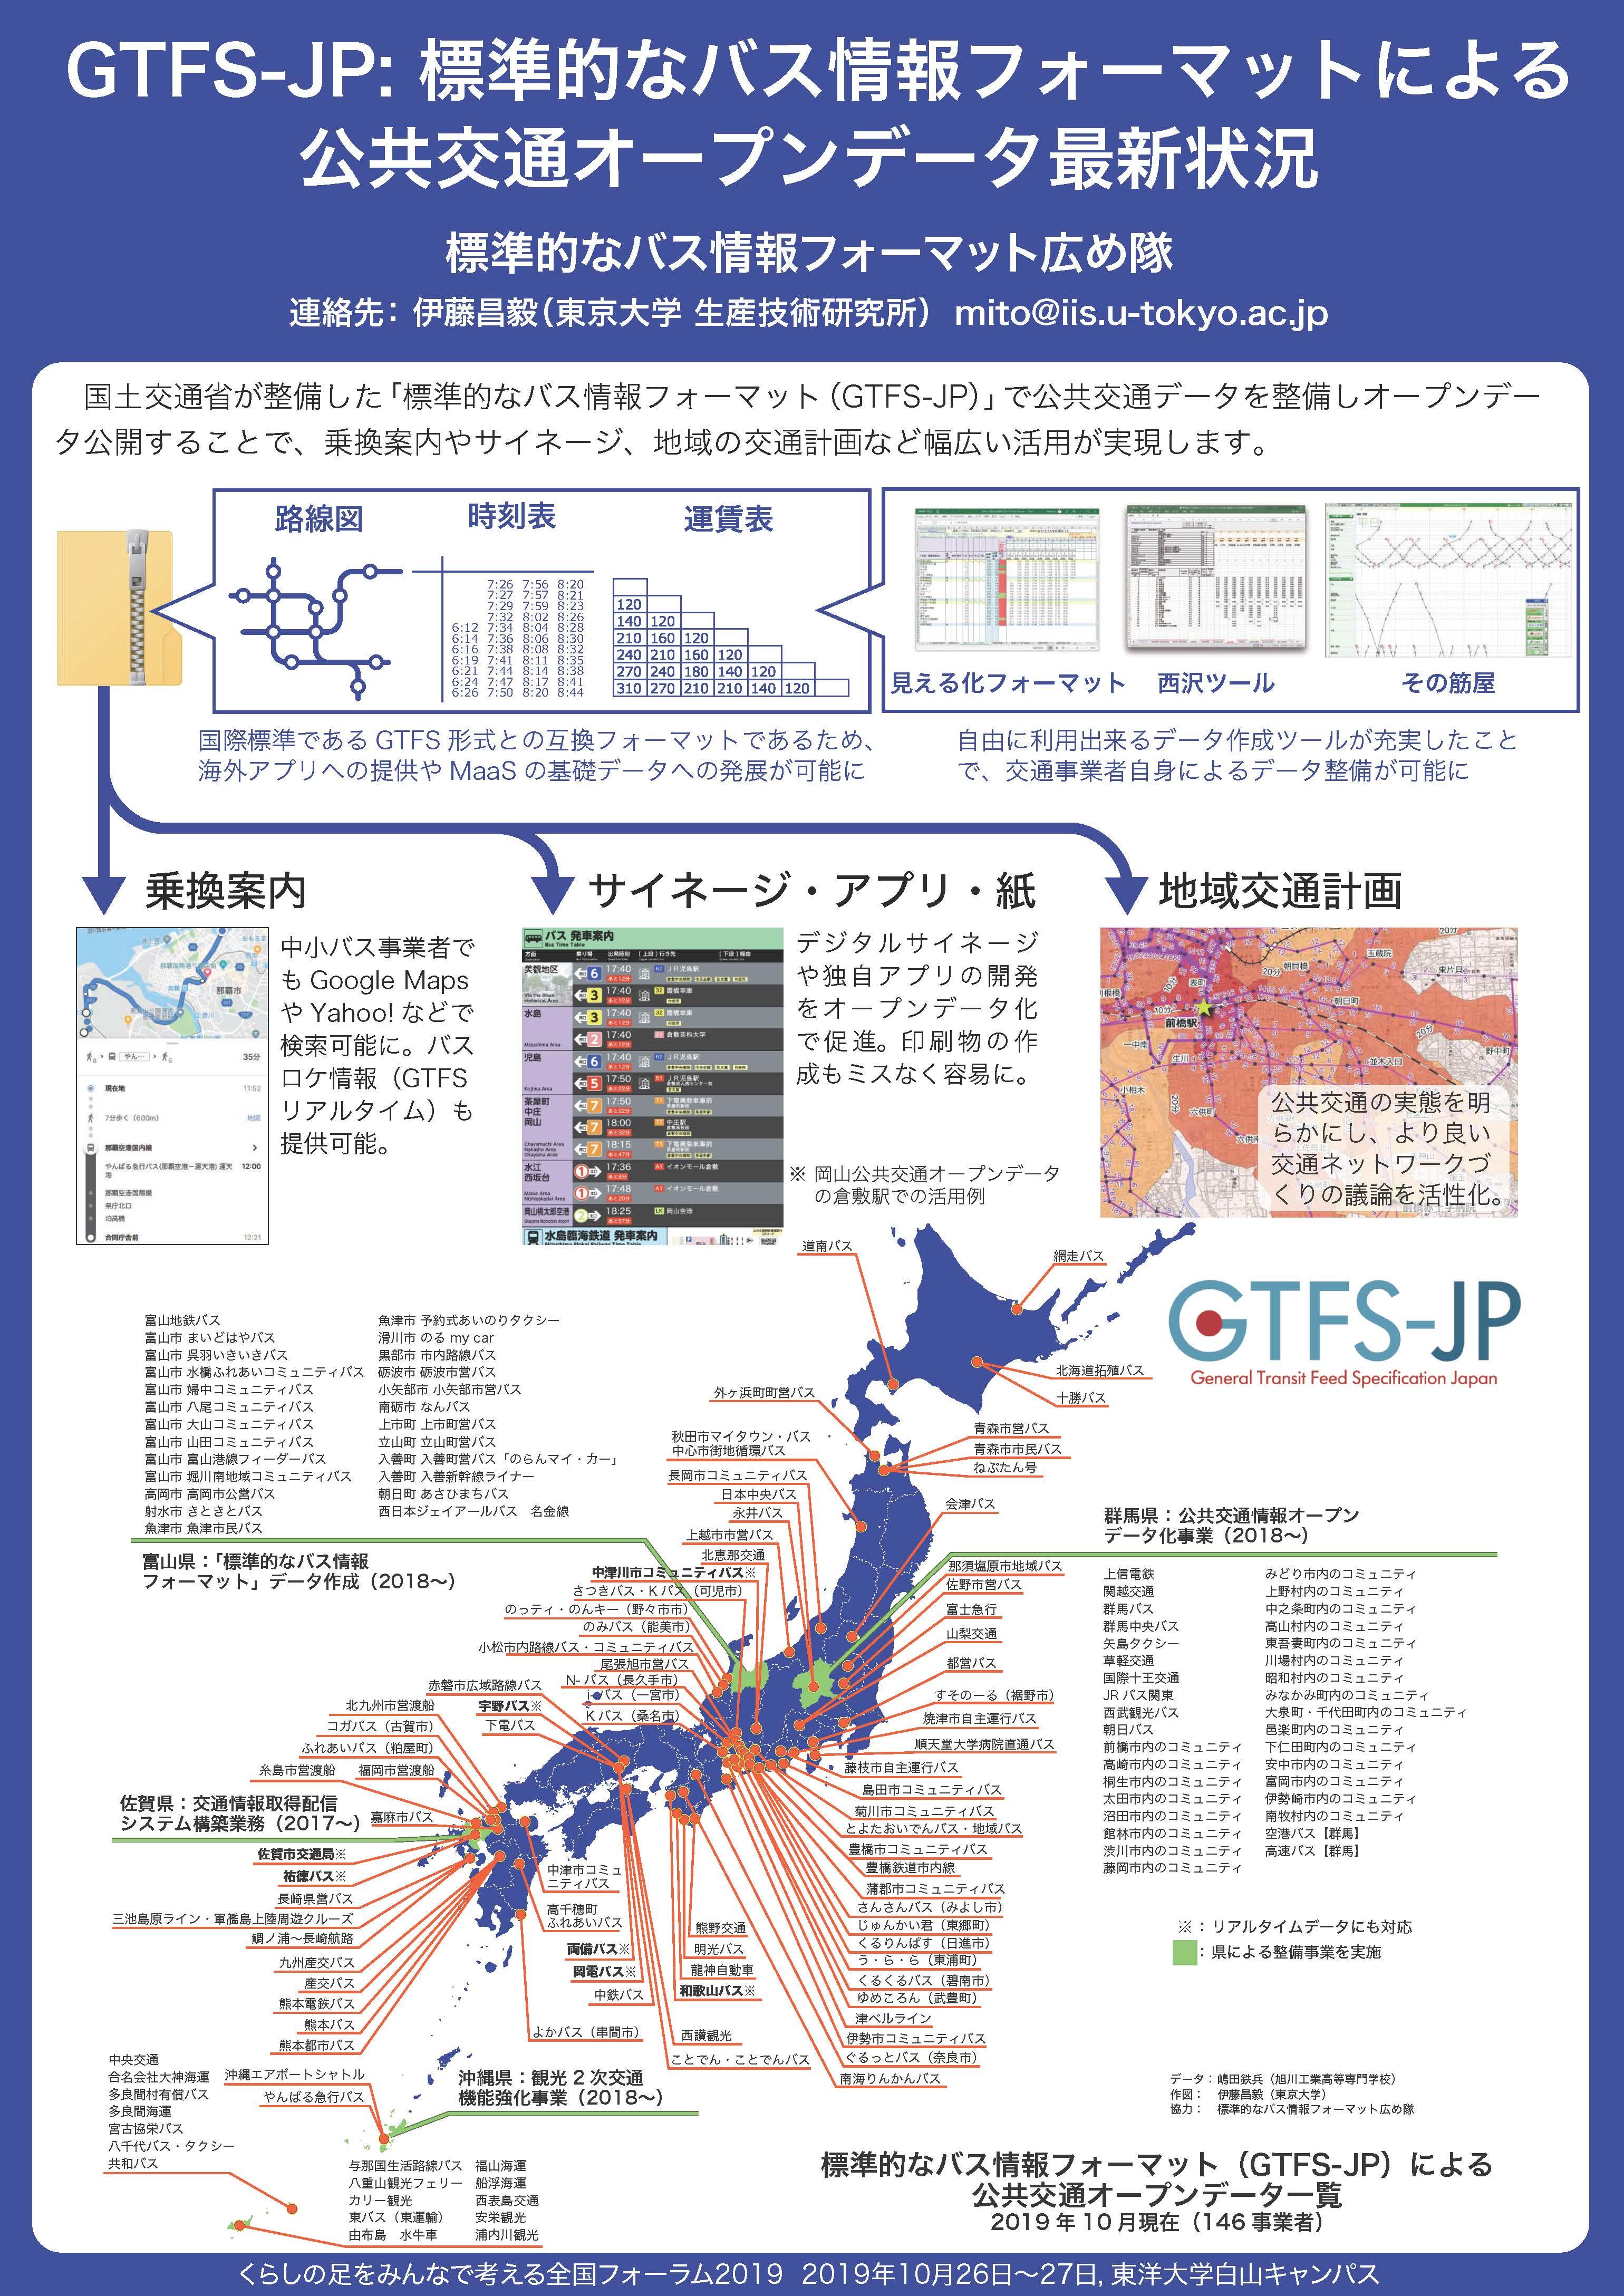 標準的なバス情報フォーマットポスター